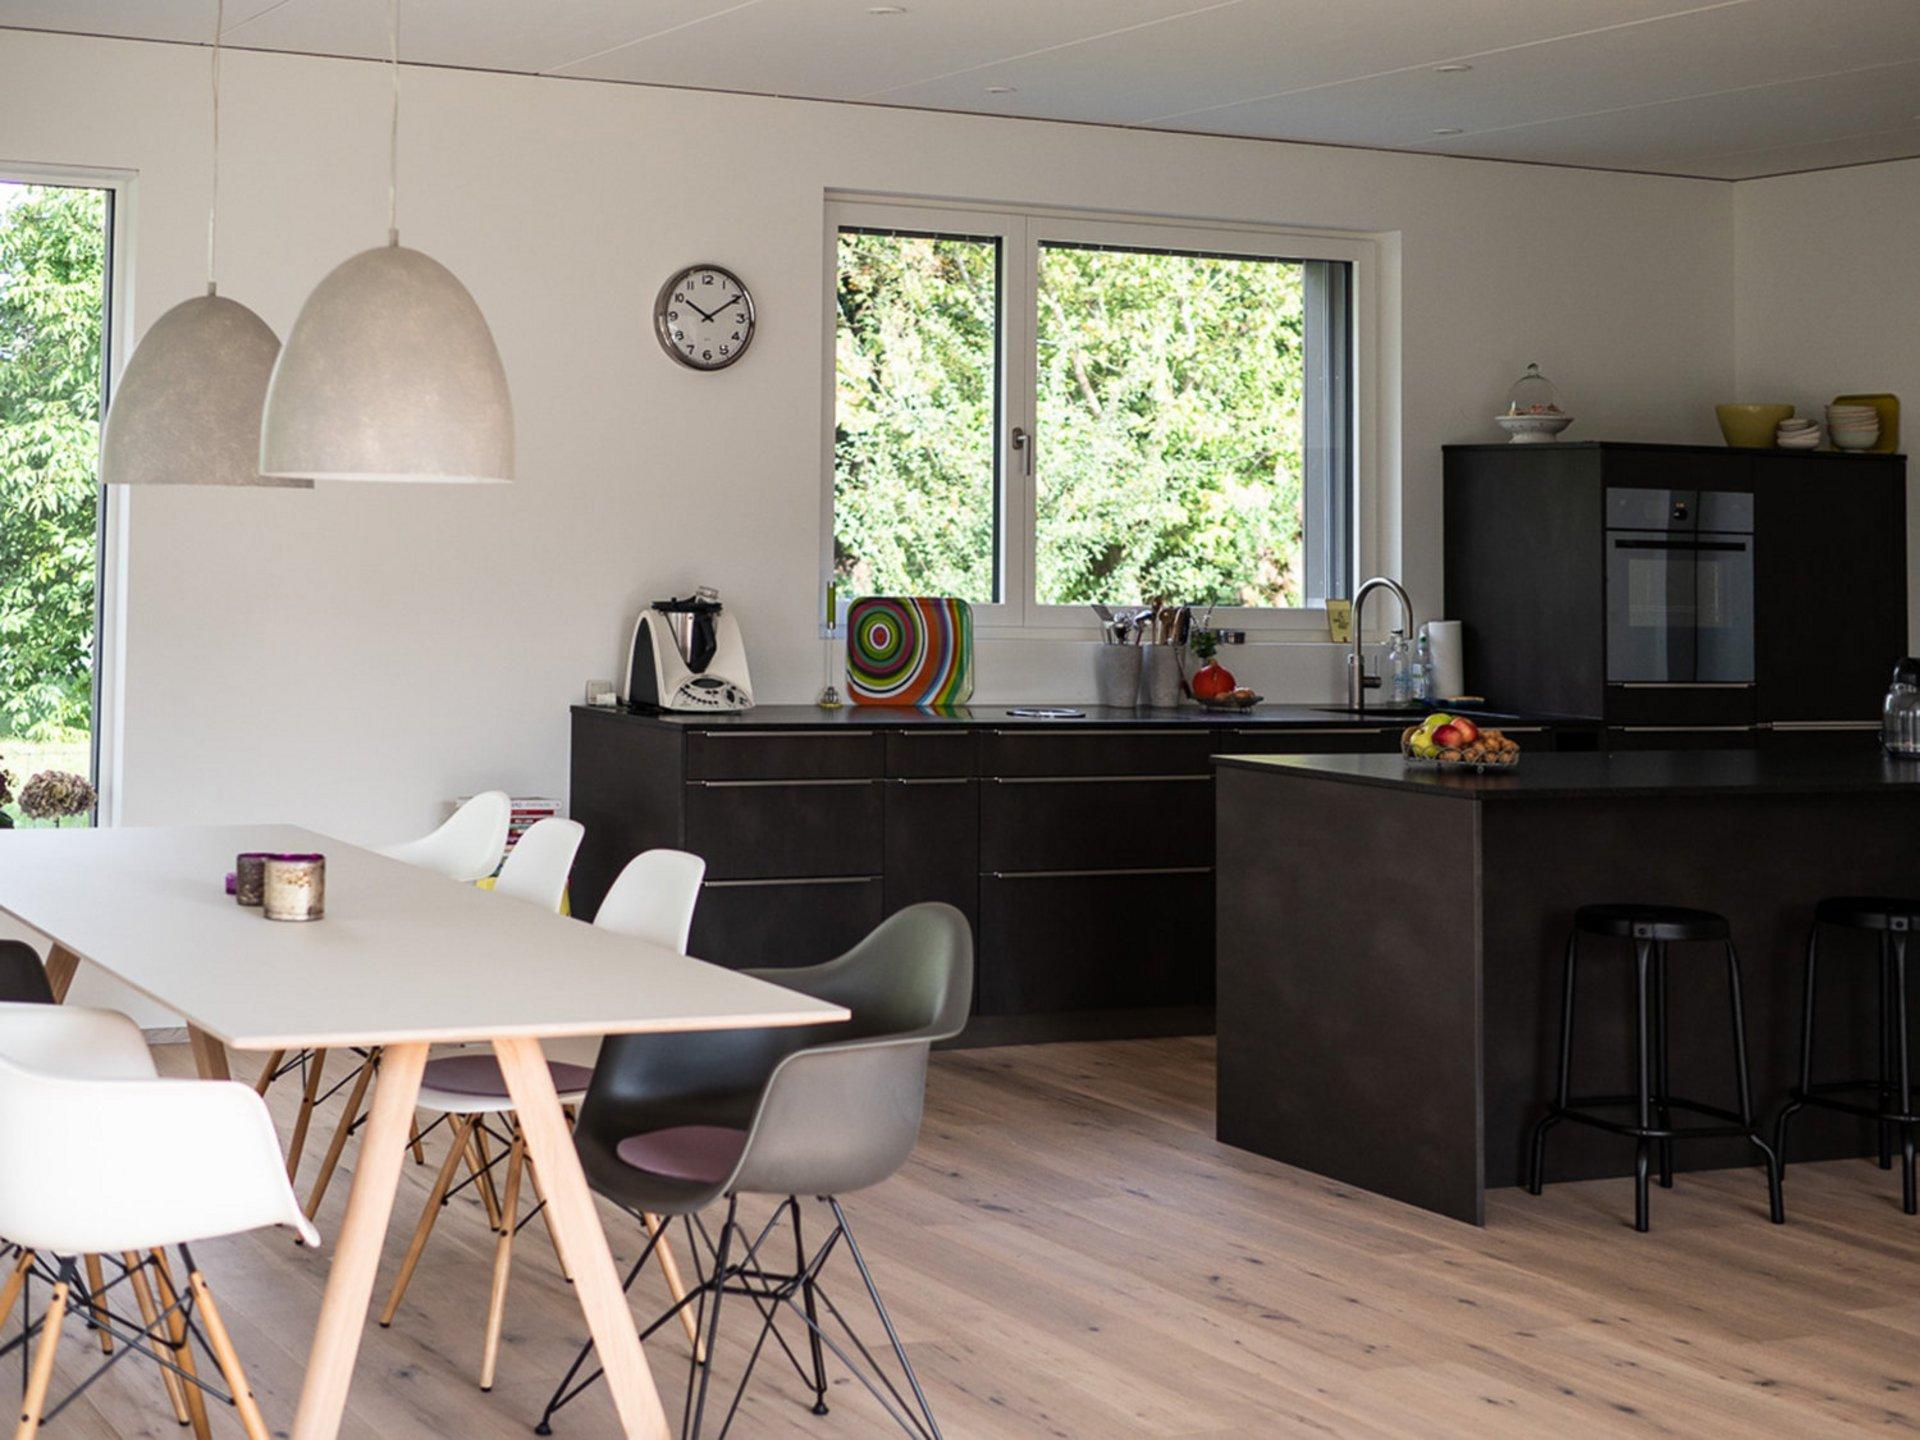 Einfamilienhaus in Elementbauweise mit Parkettboden und offener Wohnküche